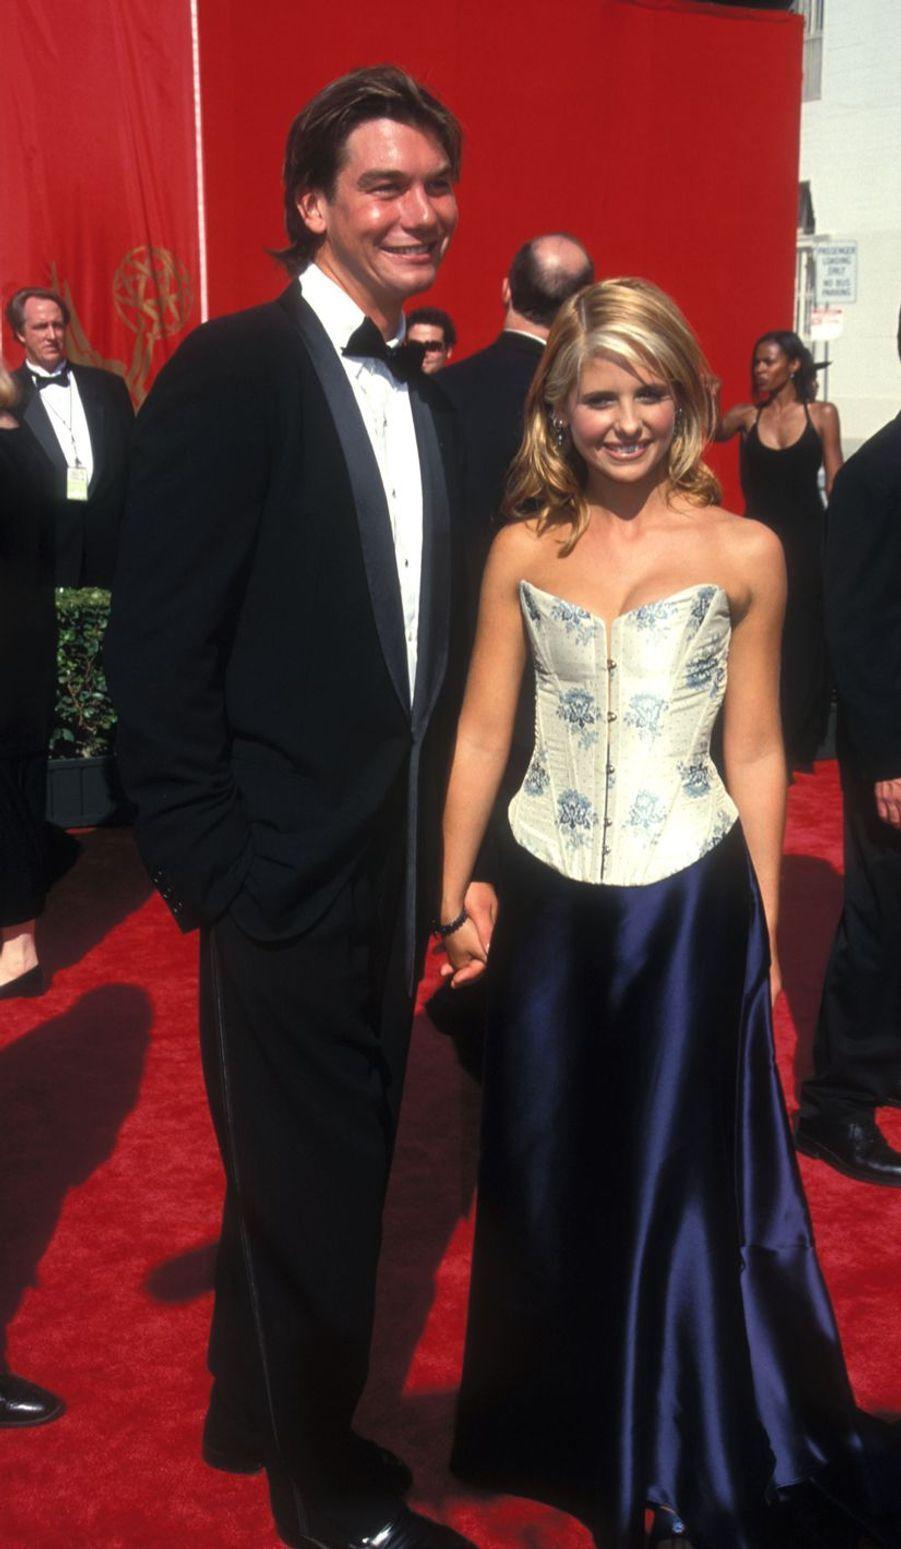 Jerry O'Connell et Sarah Michelle Gellar en 1998. Une romance qui a duré moins d'un an.